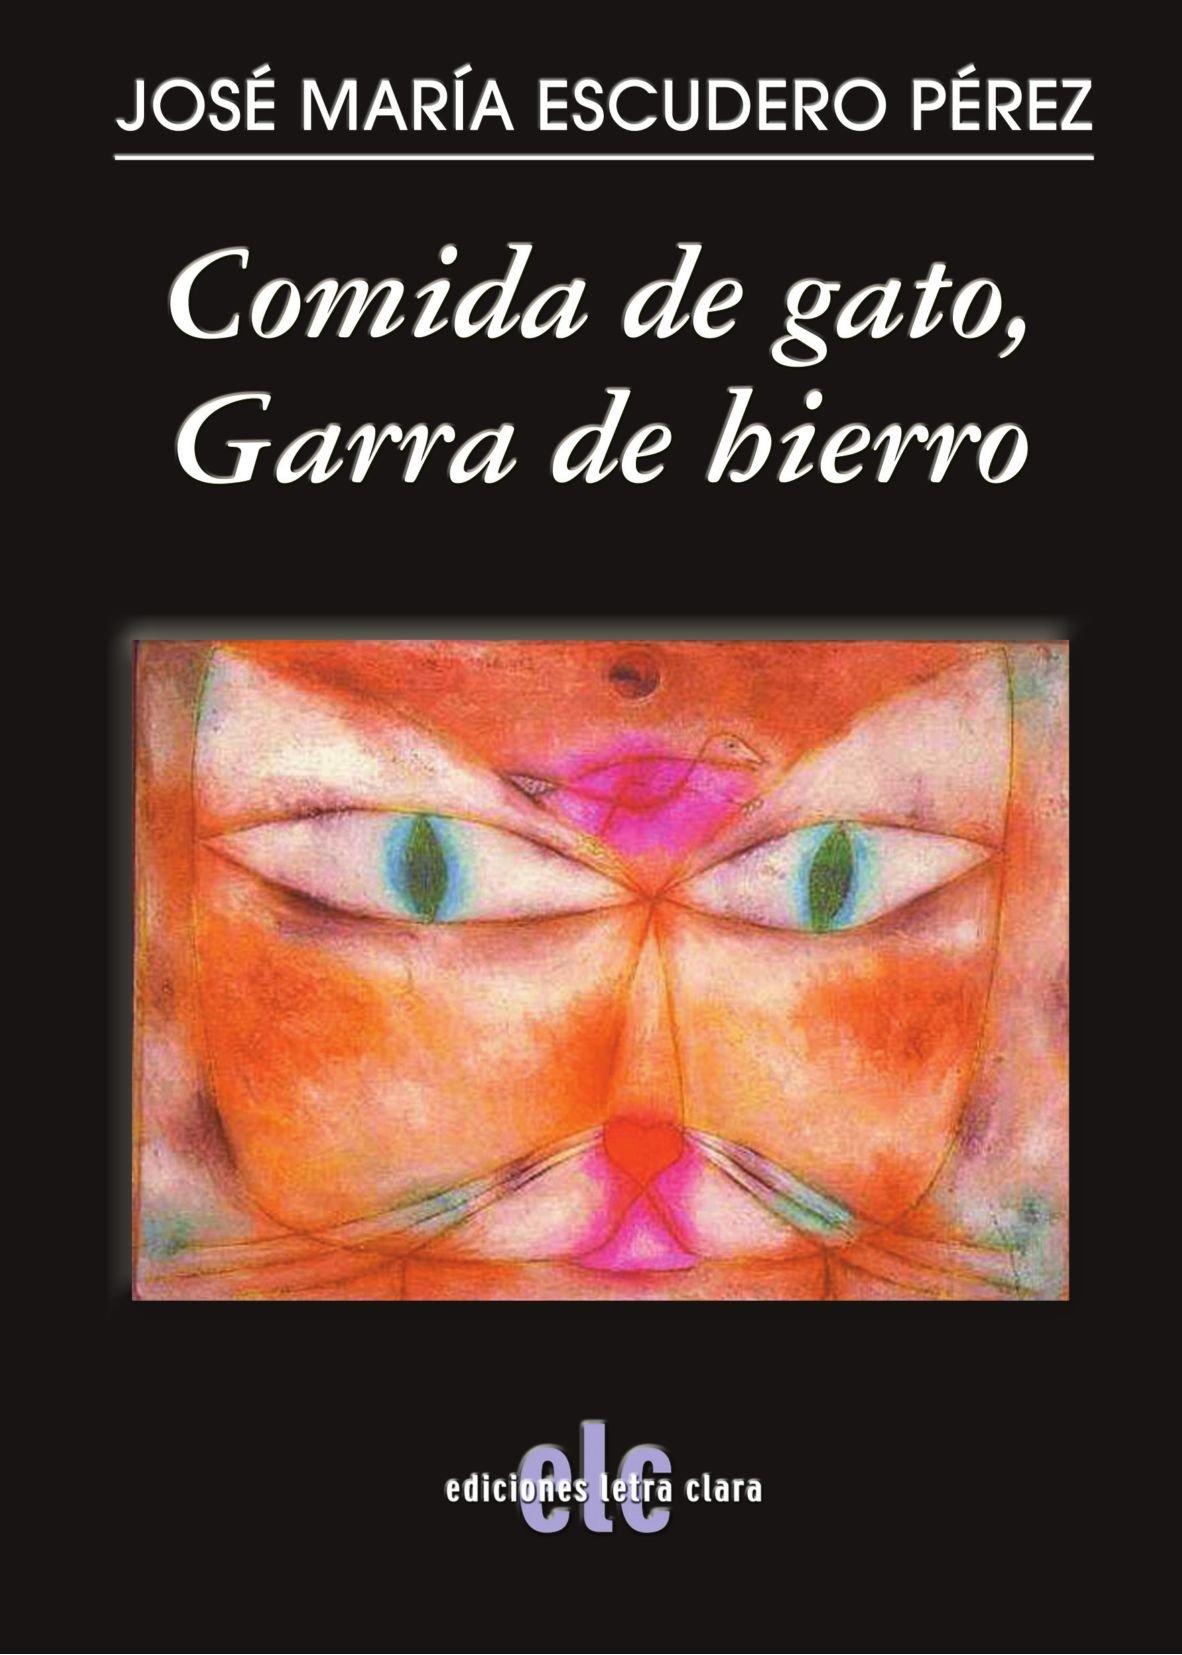 Comida de gato, Garra de hierro (Spanish Edition) (Spanish) Paperback – March 26, 2009